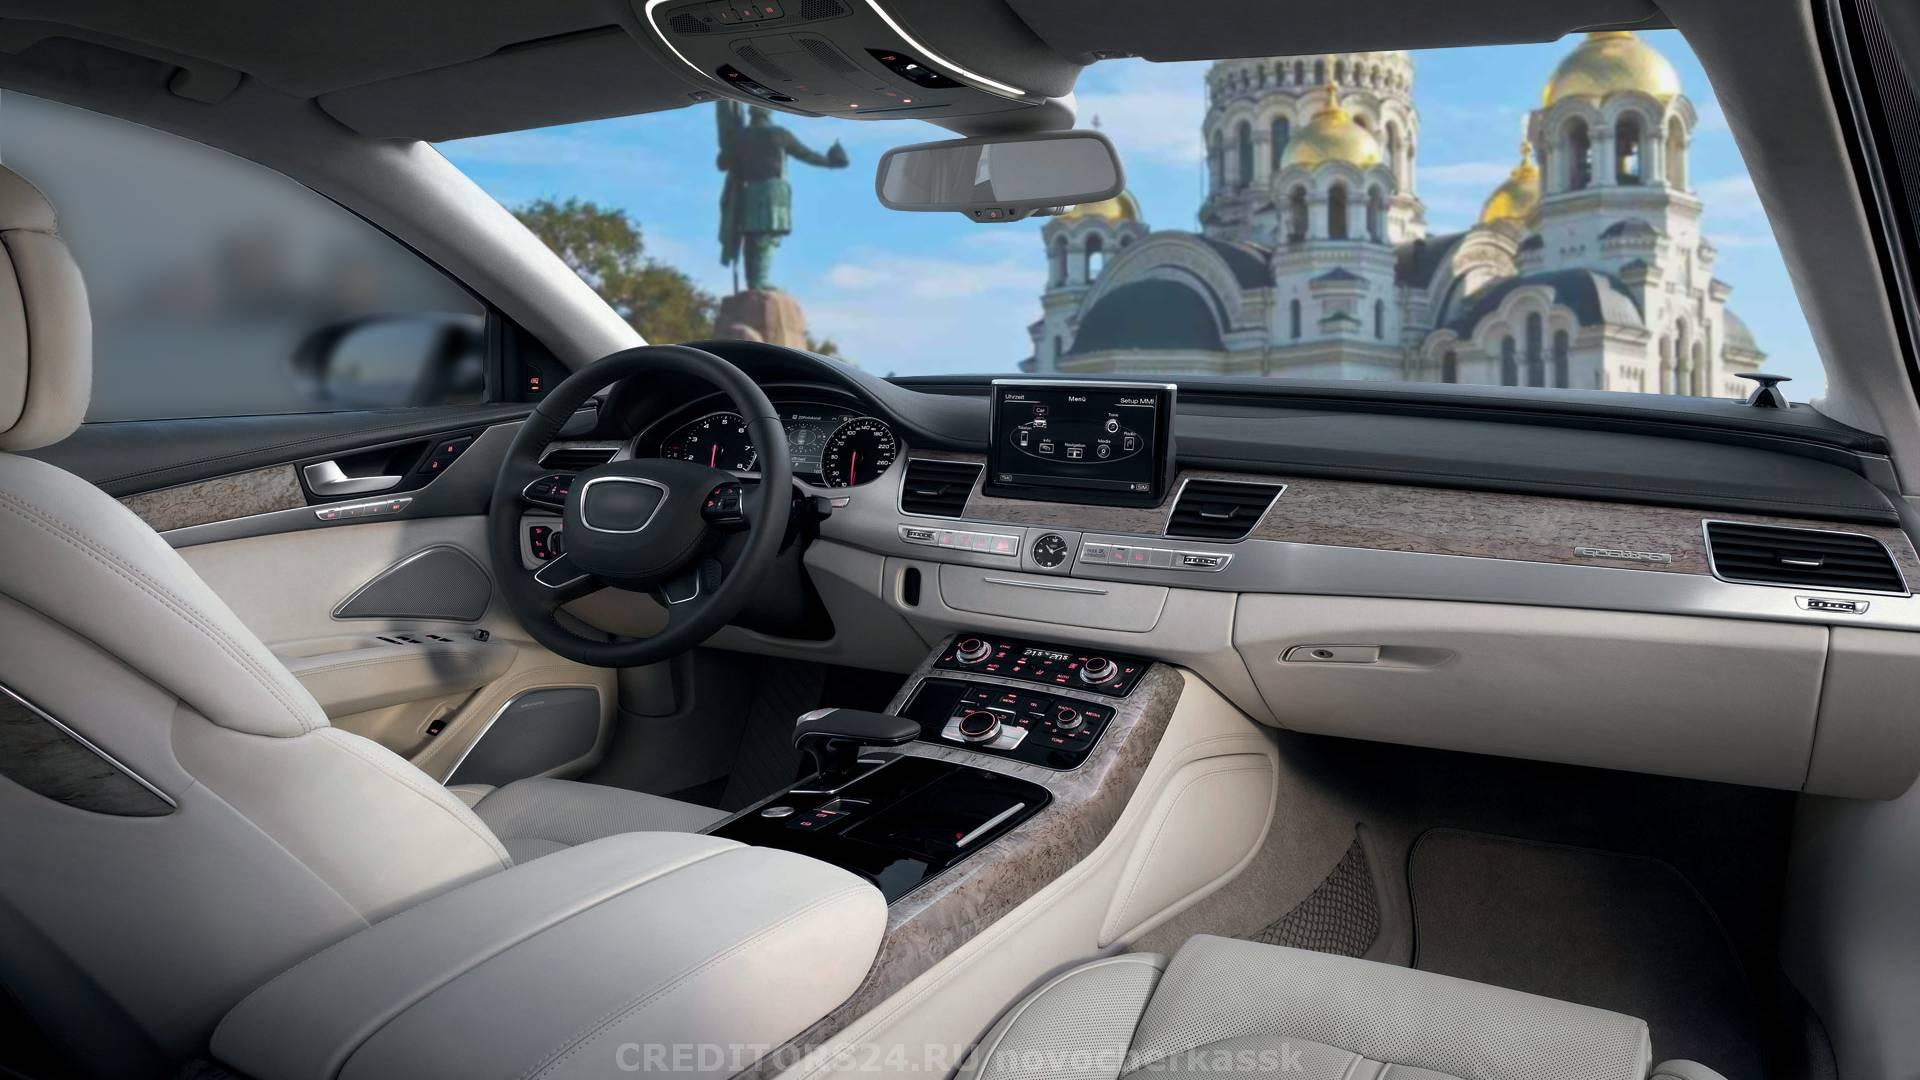 Новочеркасск деньги под залог вакансия кассир автосалон москва